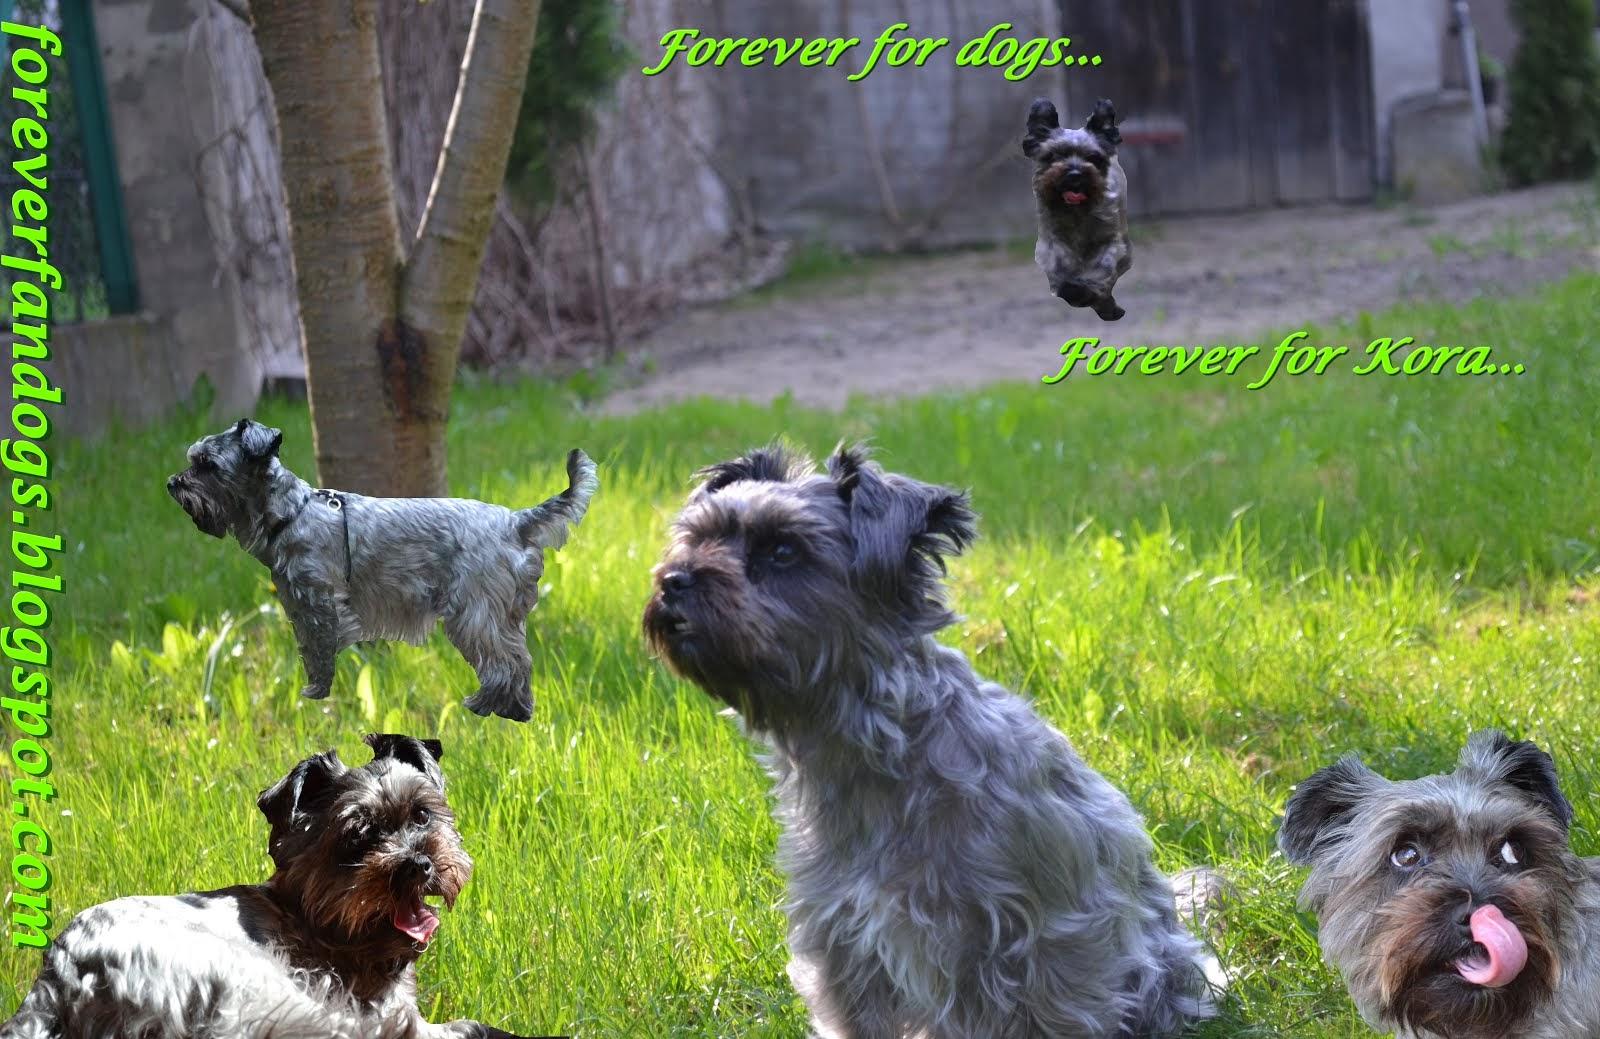 Forever for dogs... Forever for Kora....